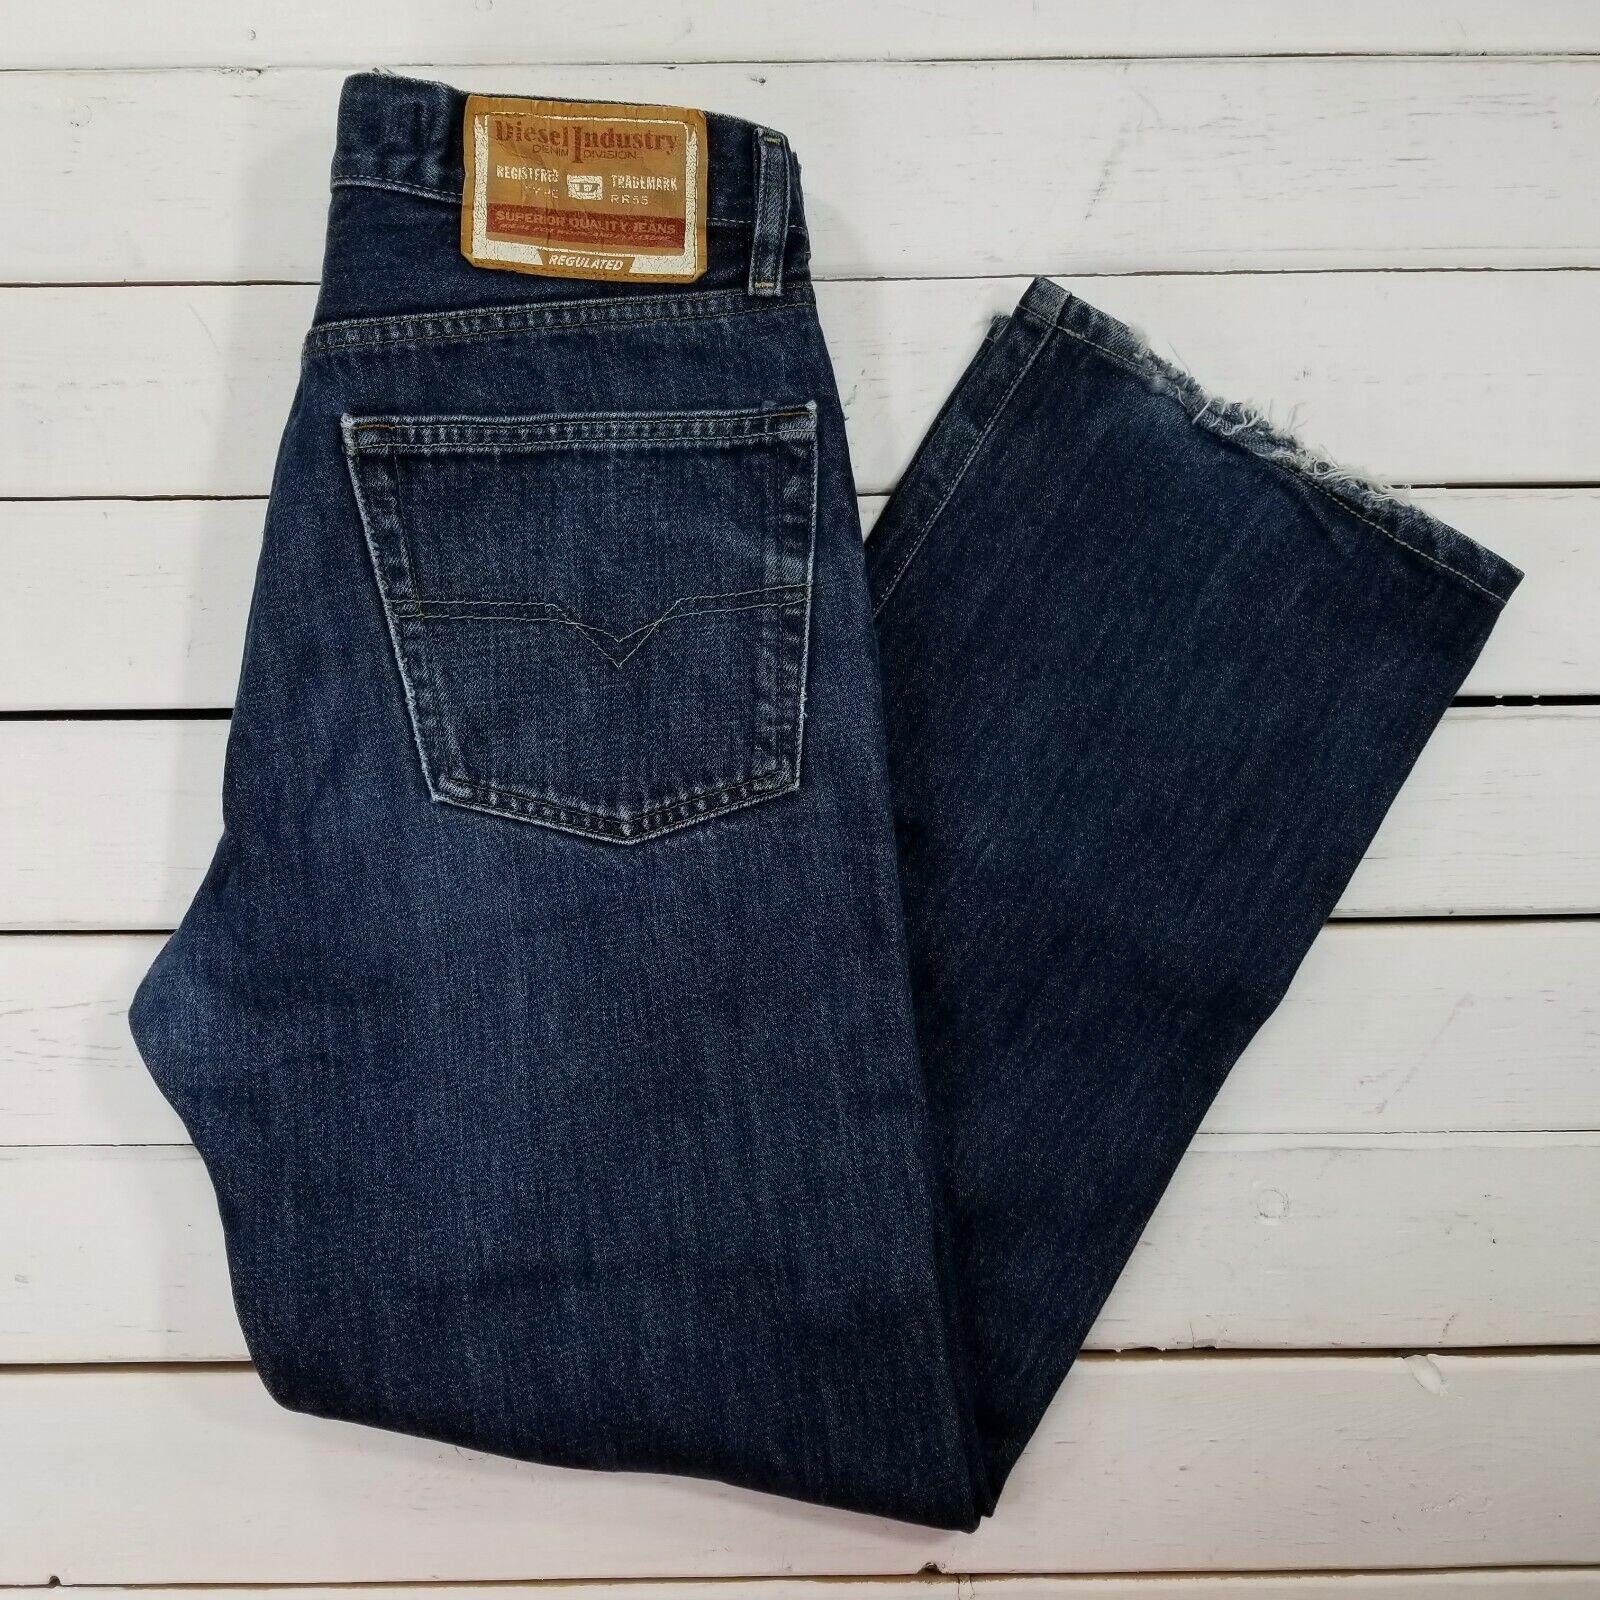 Diesel Jeans Kratt Mens 31x29 Dark Wash Distressed Mid Rise Straight Leg J81